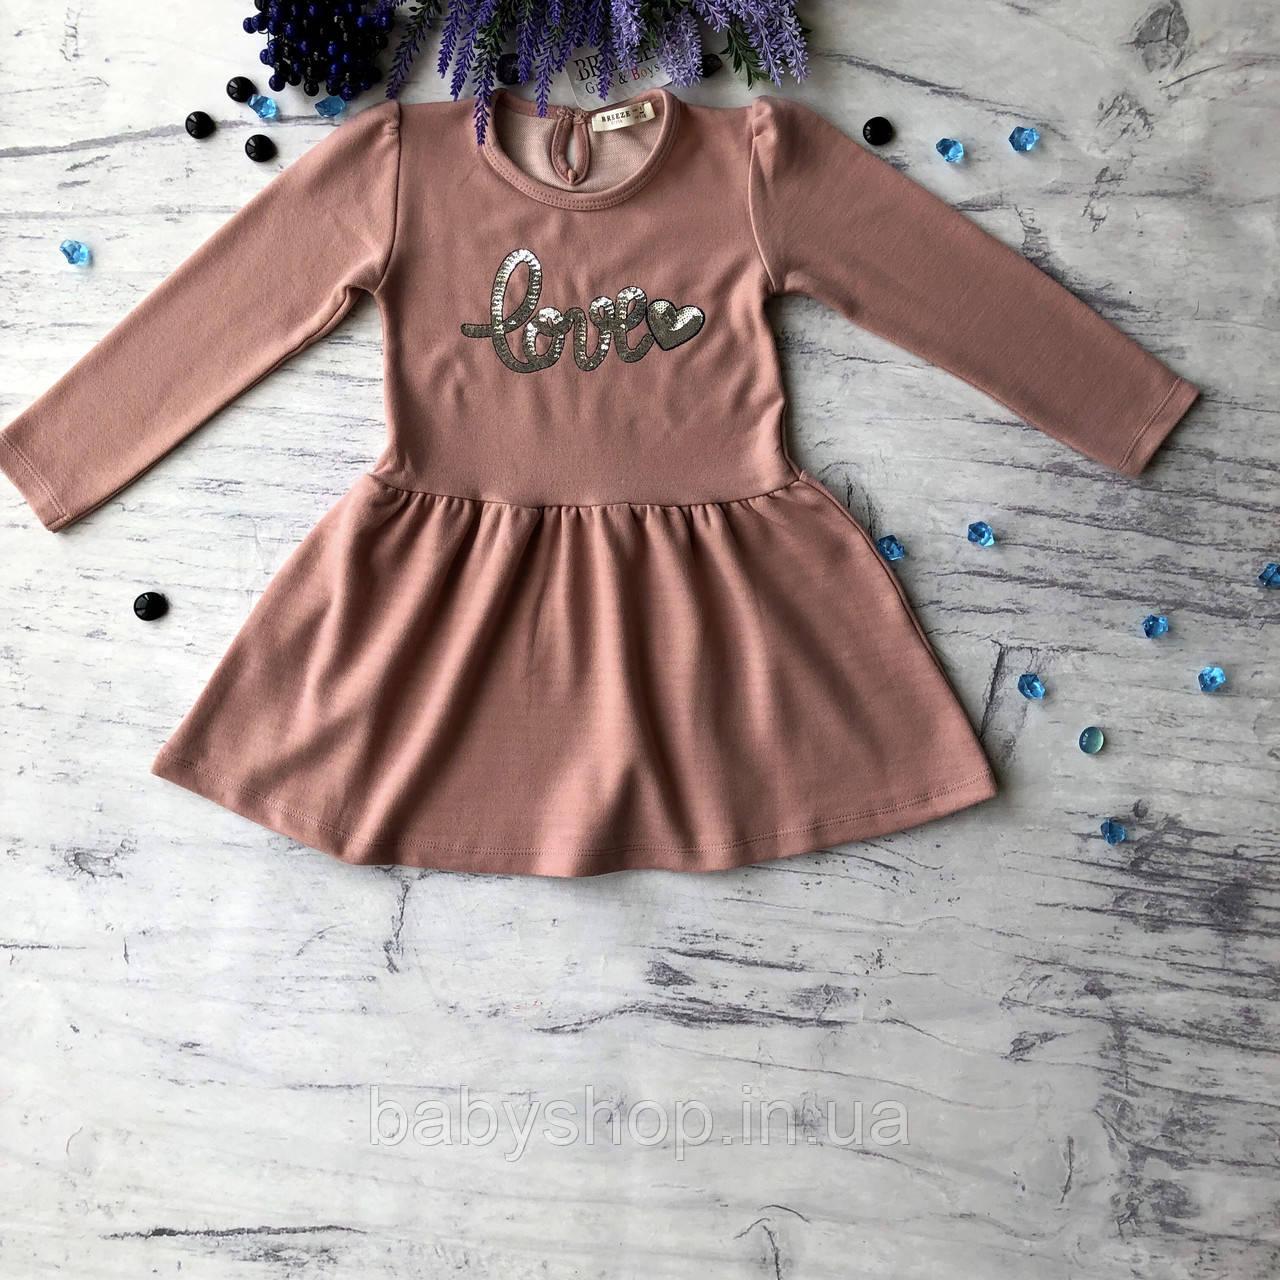 Плотное детское платье Breeze для девочки 171. Размер  116 см (6 лет), 128 см (8лет), 134 см, 140 см